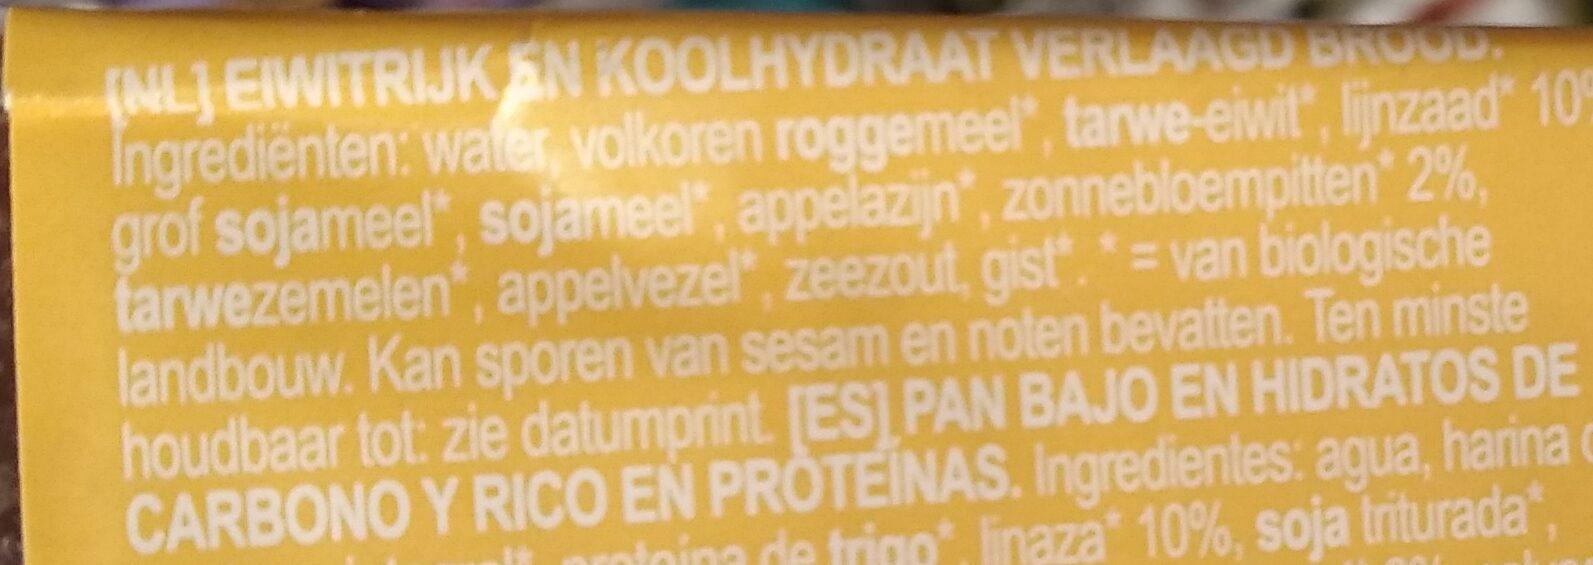 Pain protéiné - Ingrediënten - nl